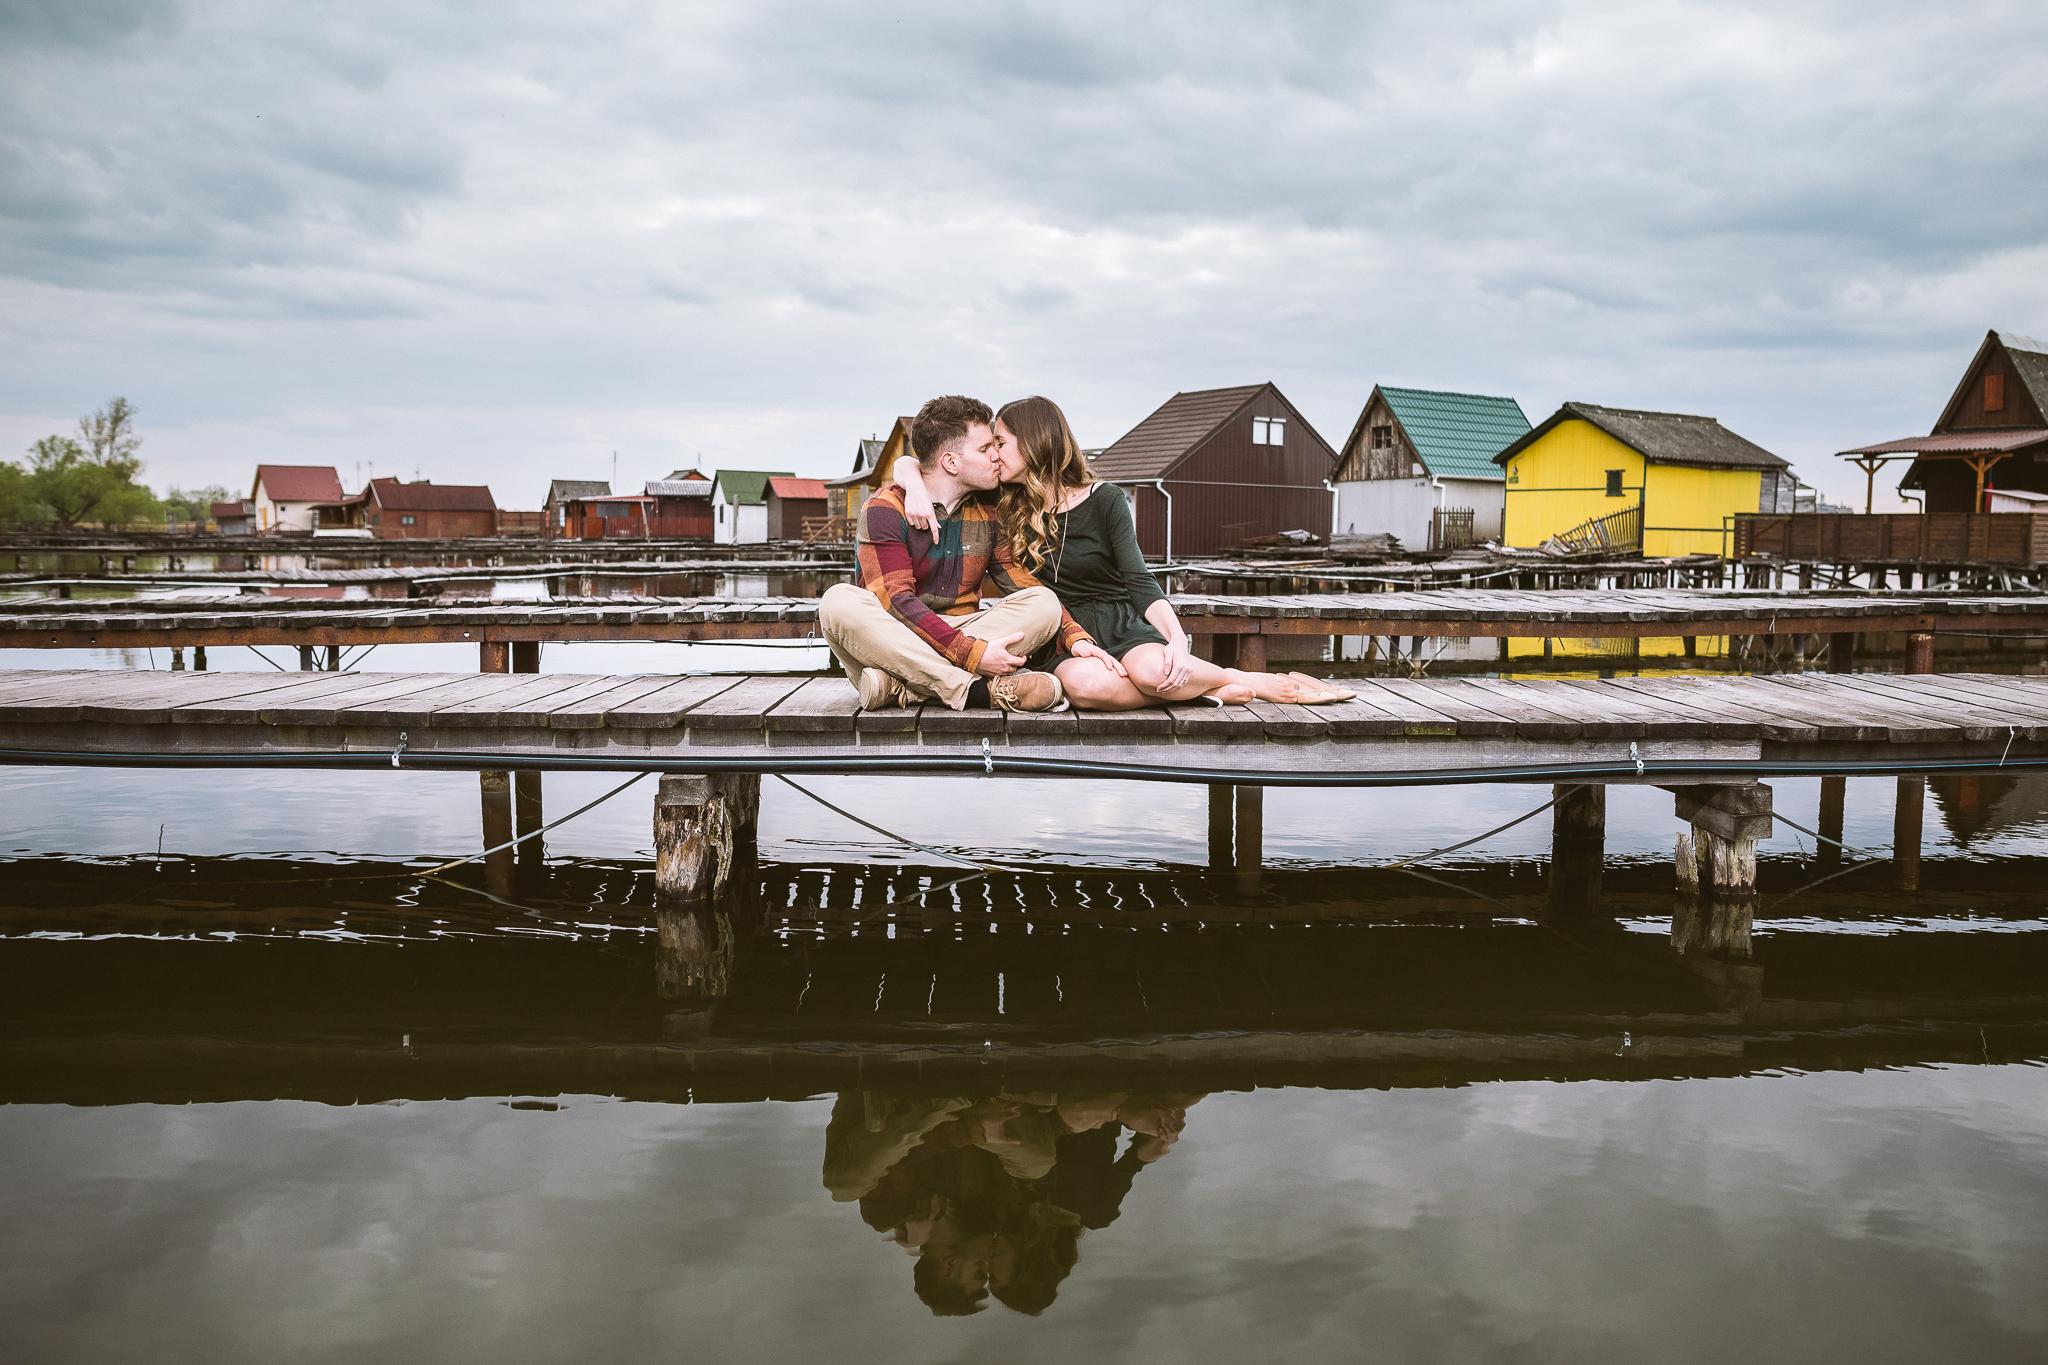 FylepPhoto, esküvőfotózás, magyarország, esküvői fotós, vasmegye, prémium, jegyesfotózás, Fülöp Péter, körmend, kreatív, Bokod, Budapest 34.jpg